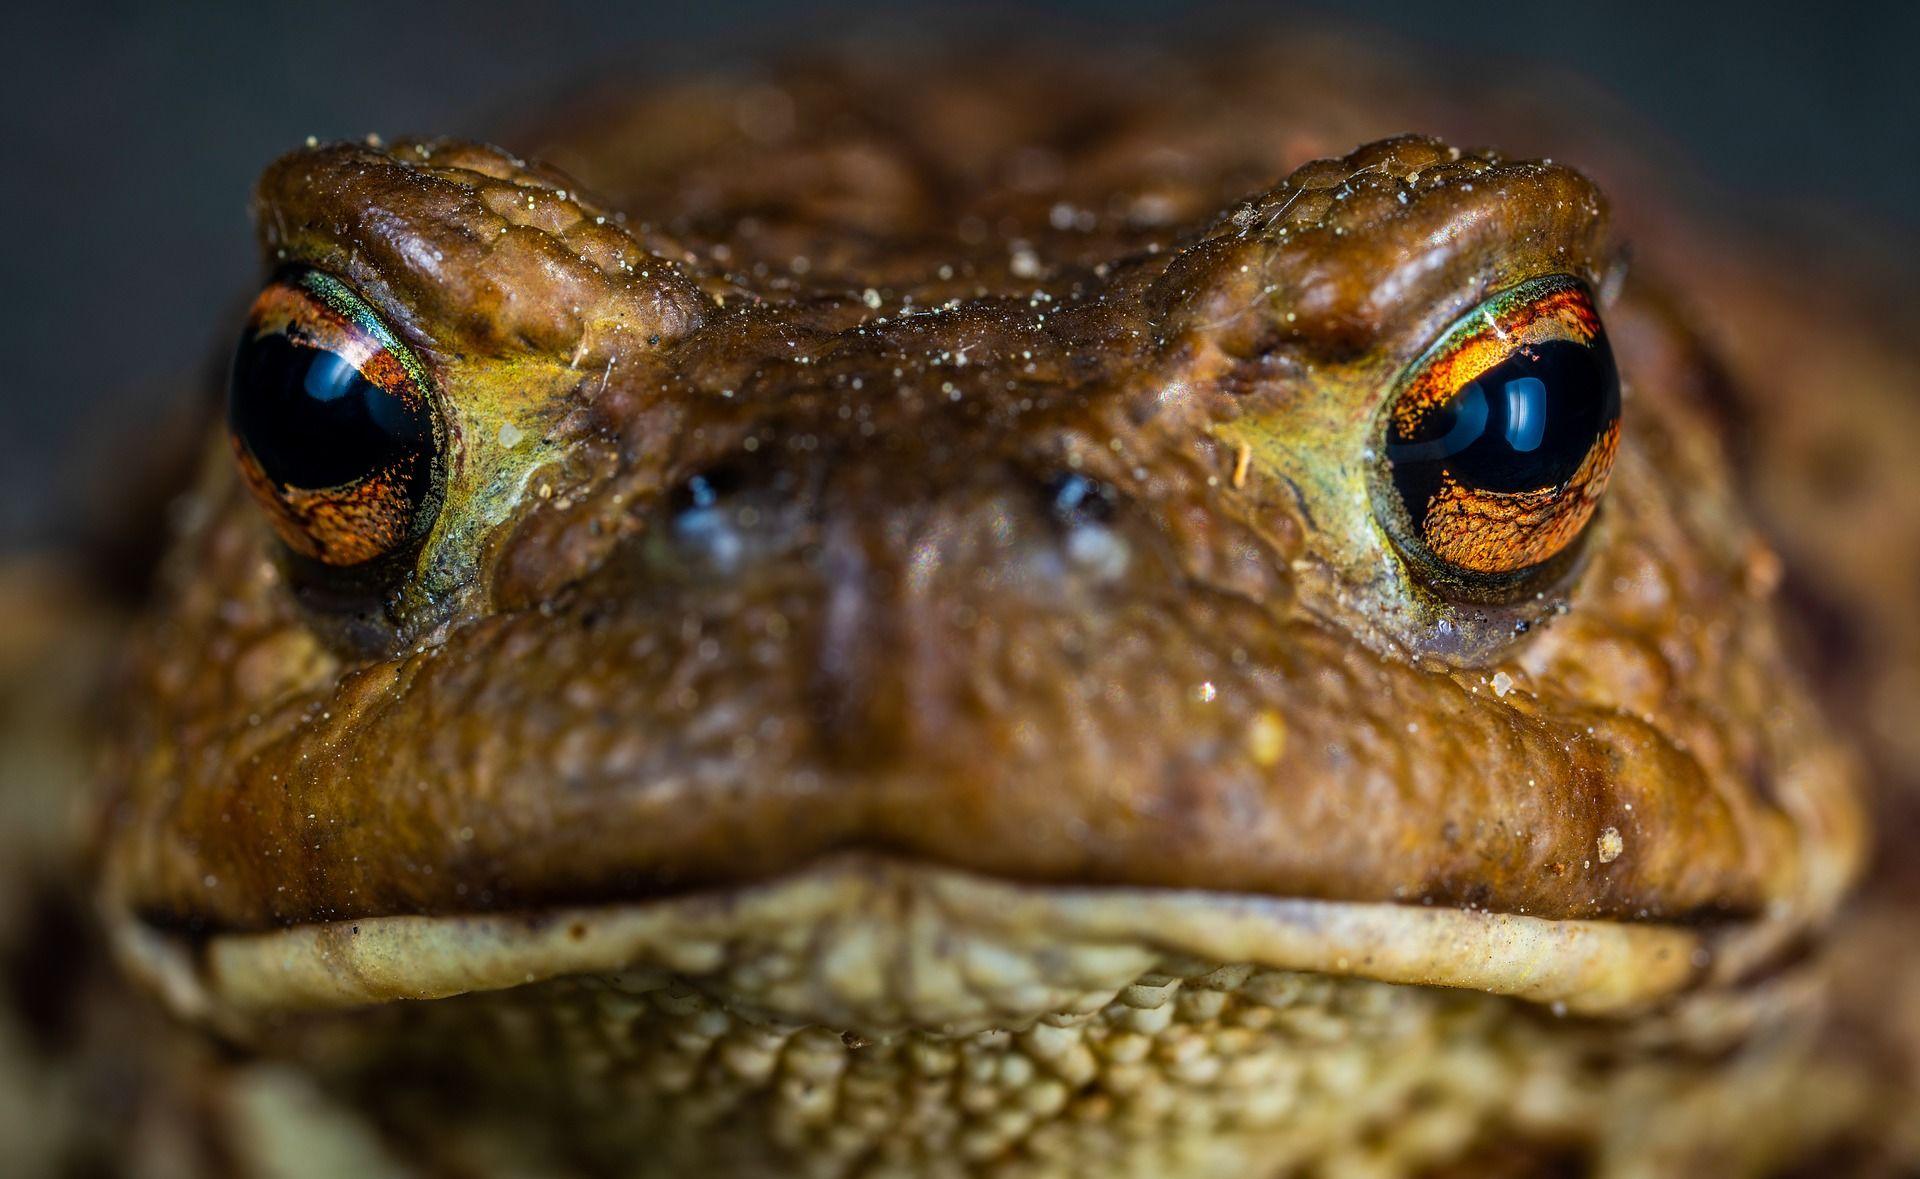 Смотреть интересную картинку жабы на природе